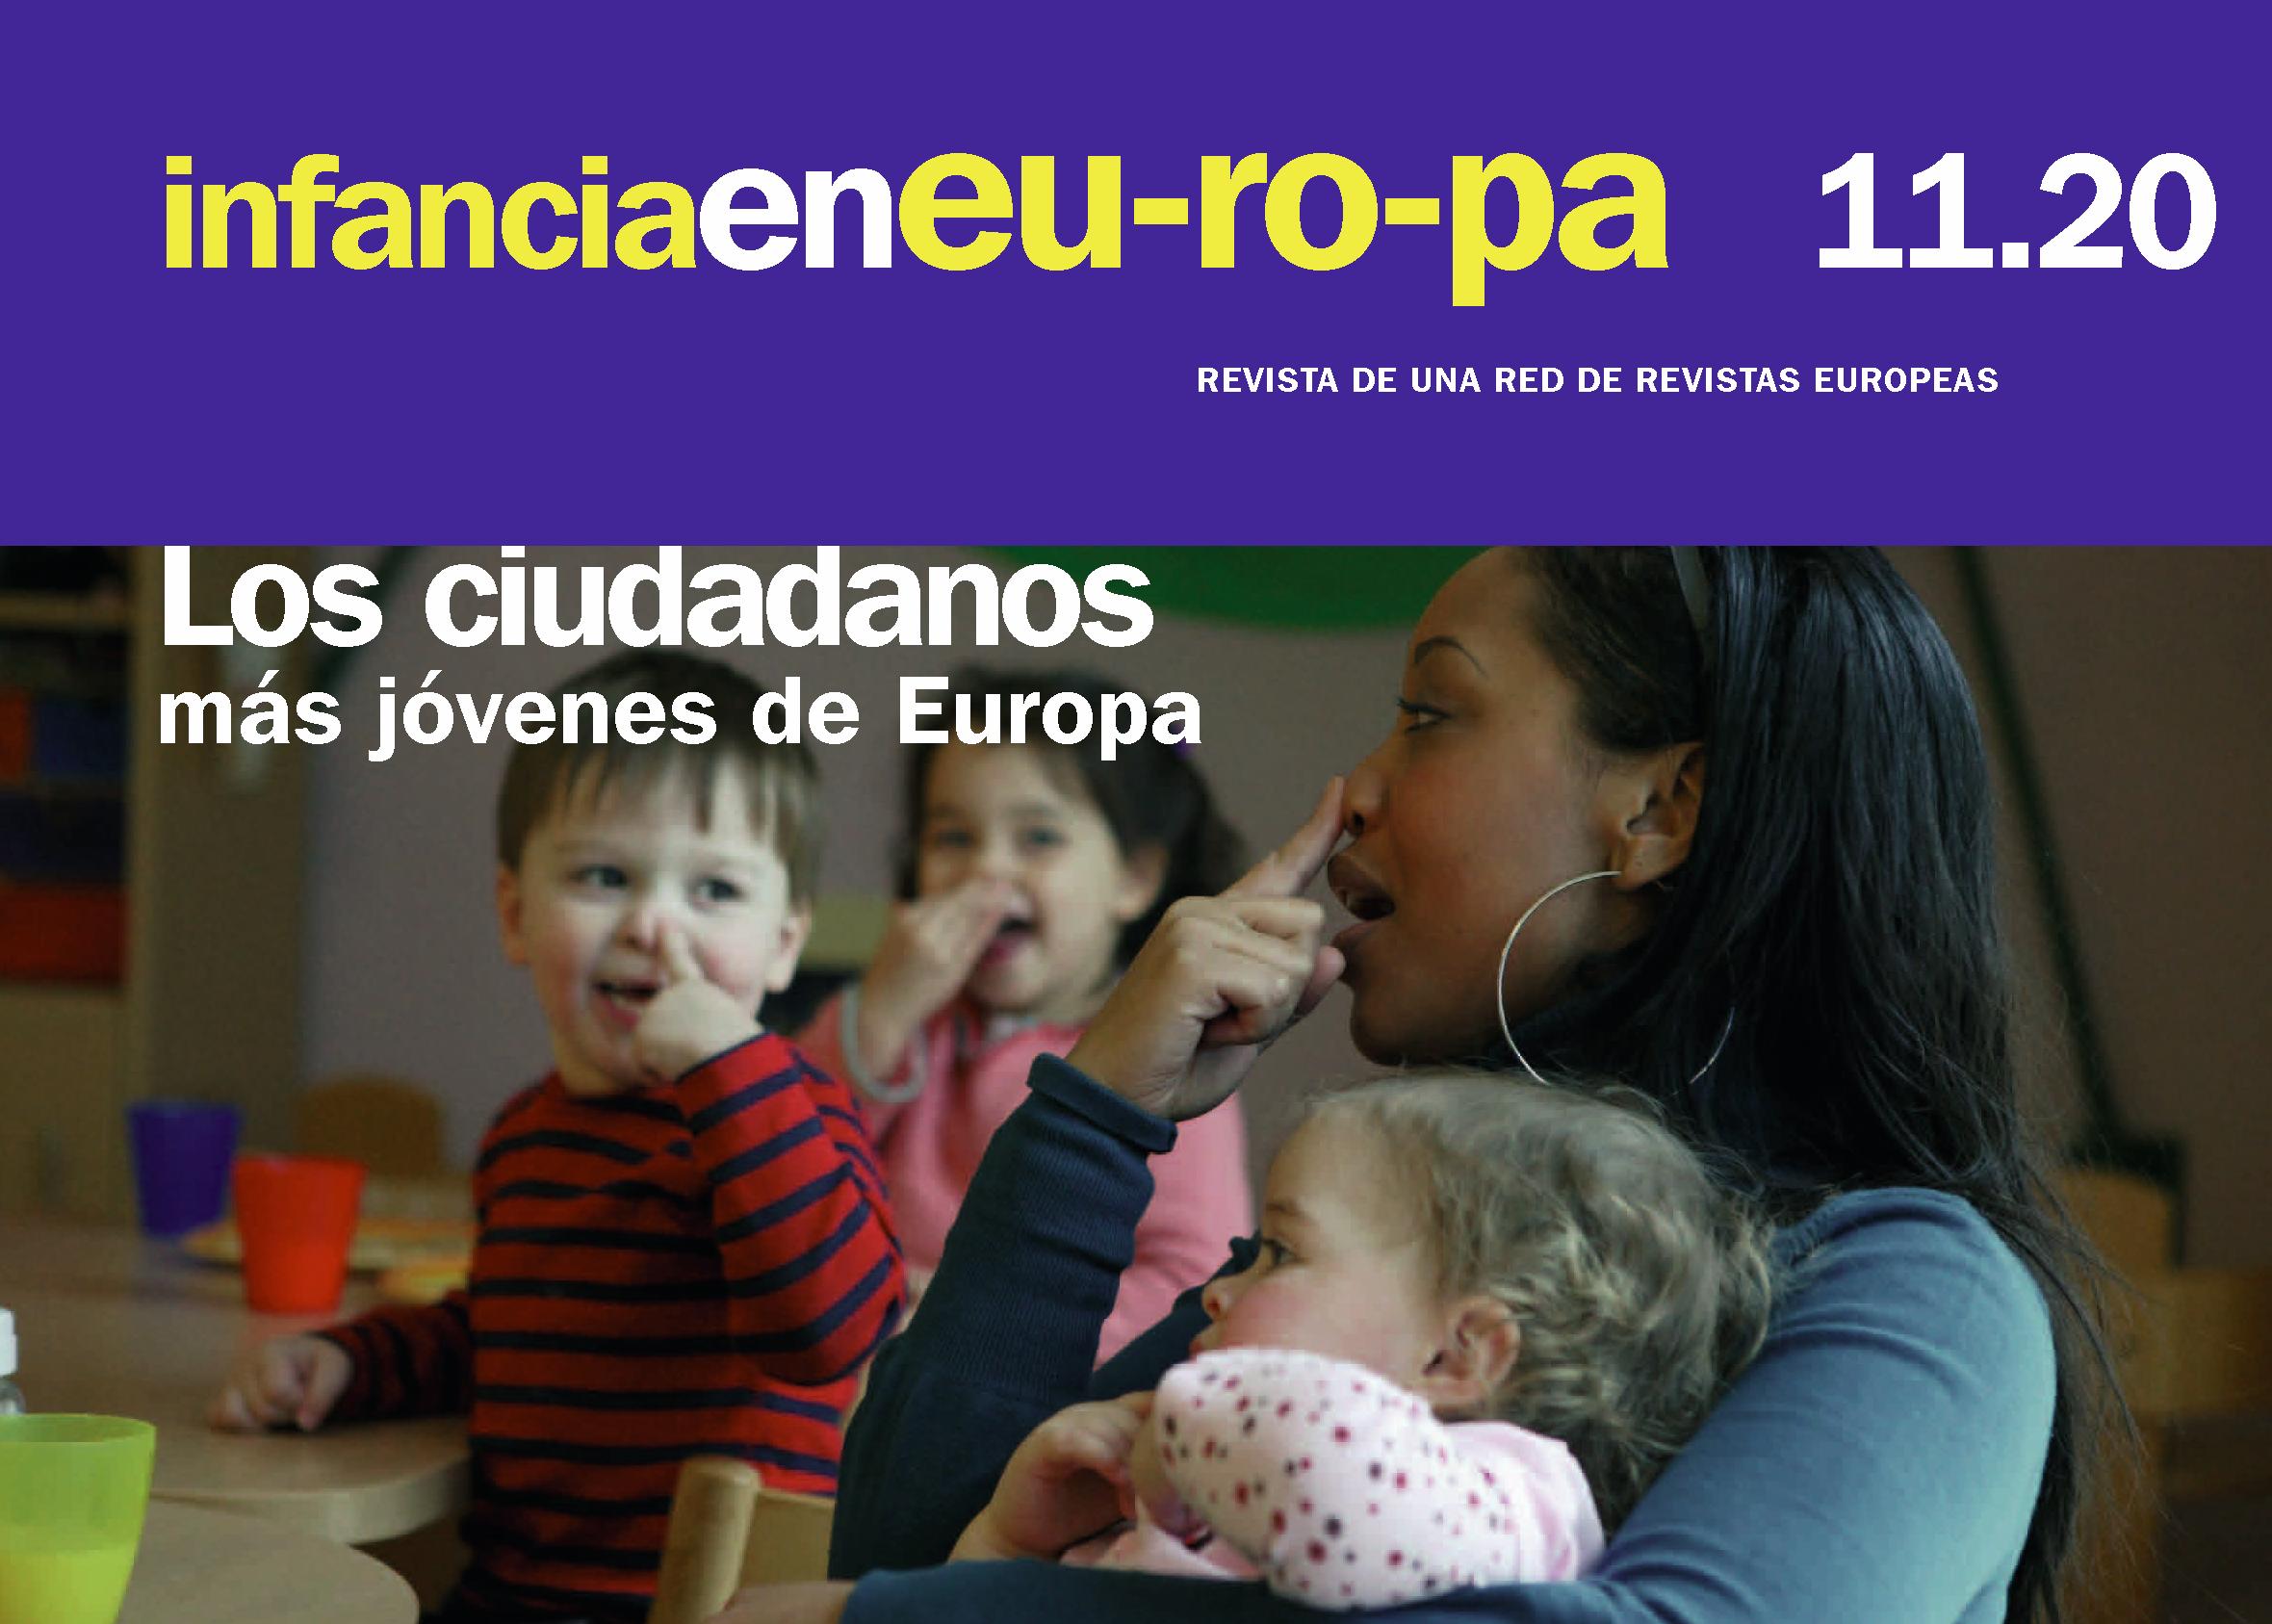 Los ciudadanos más jovenes de Europa